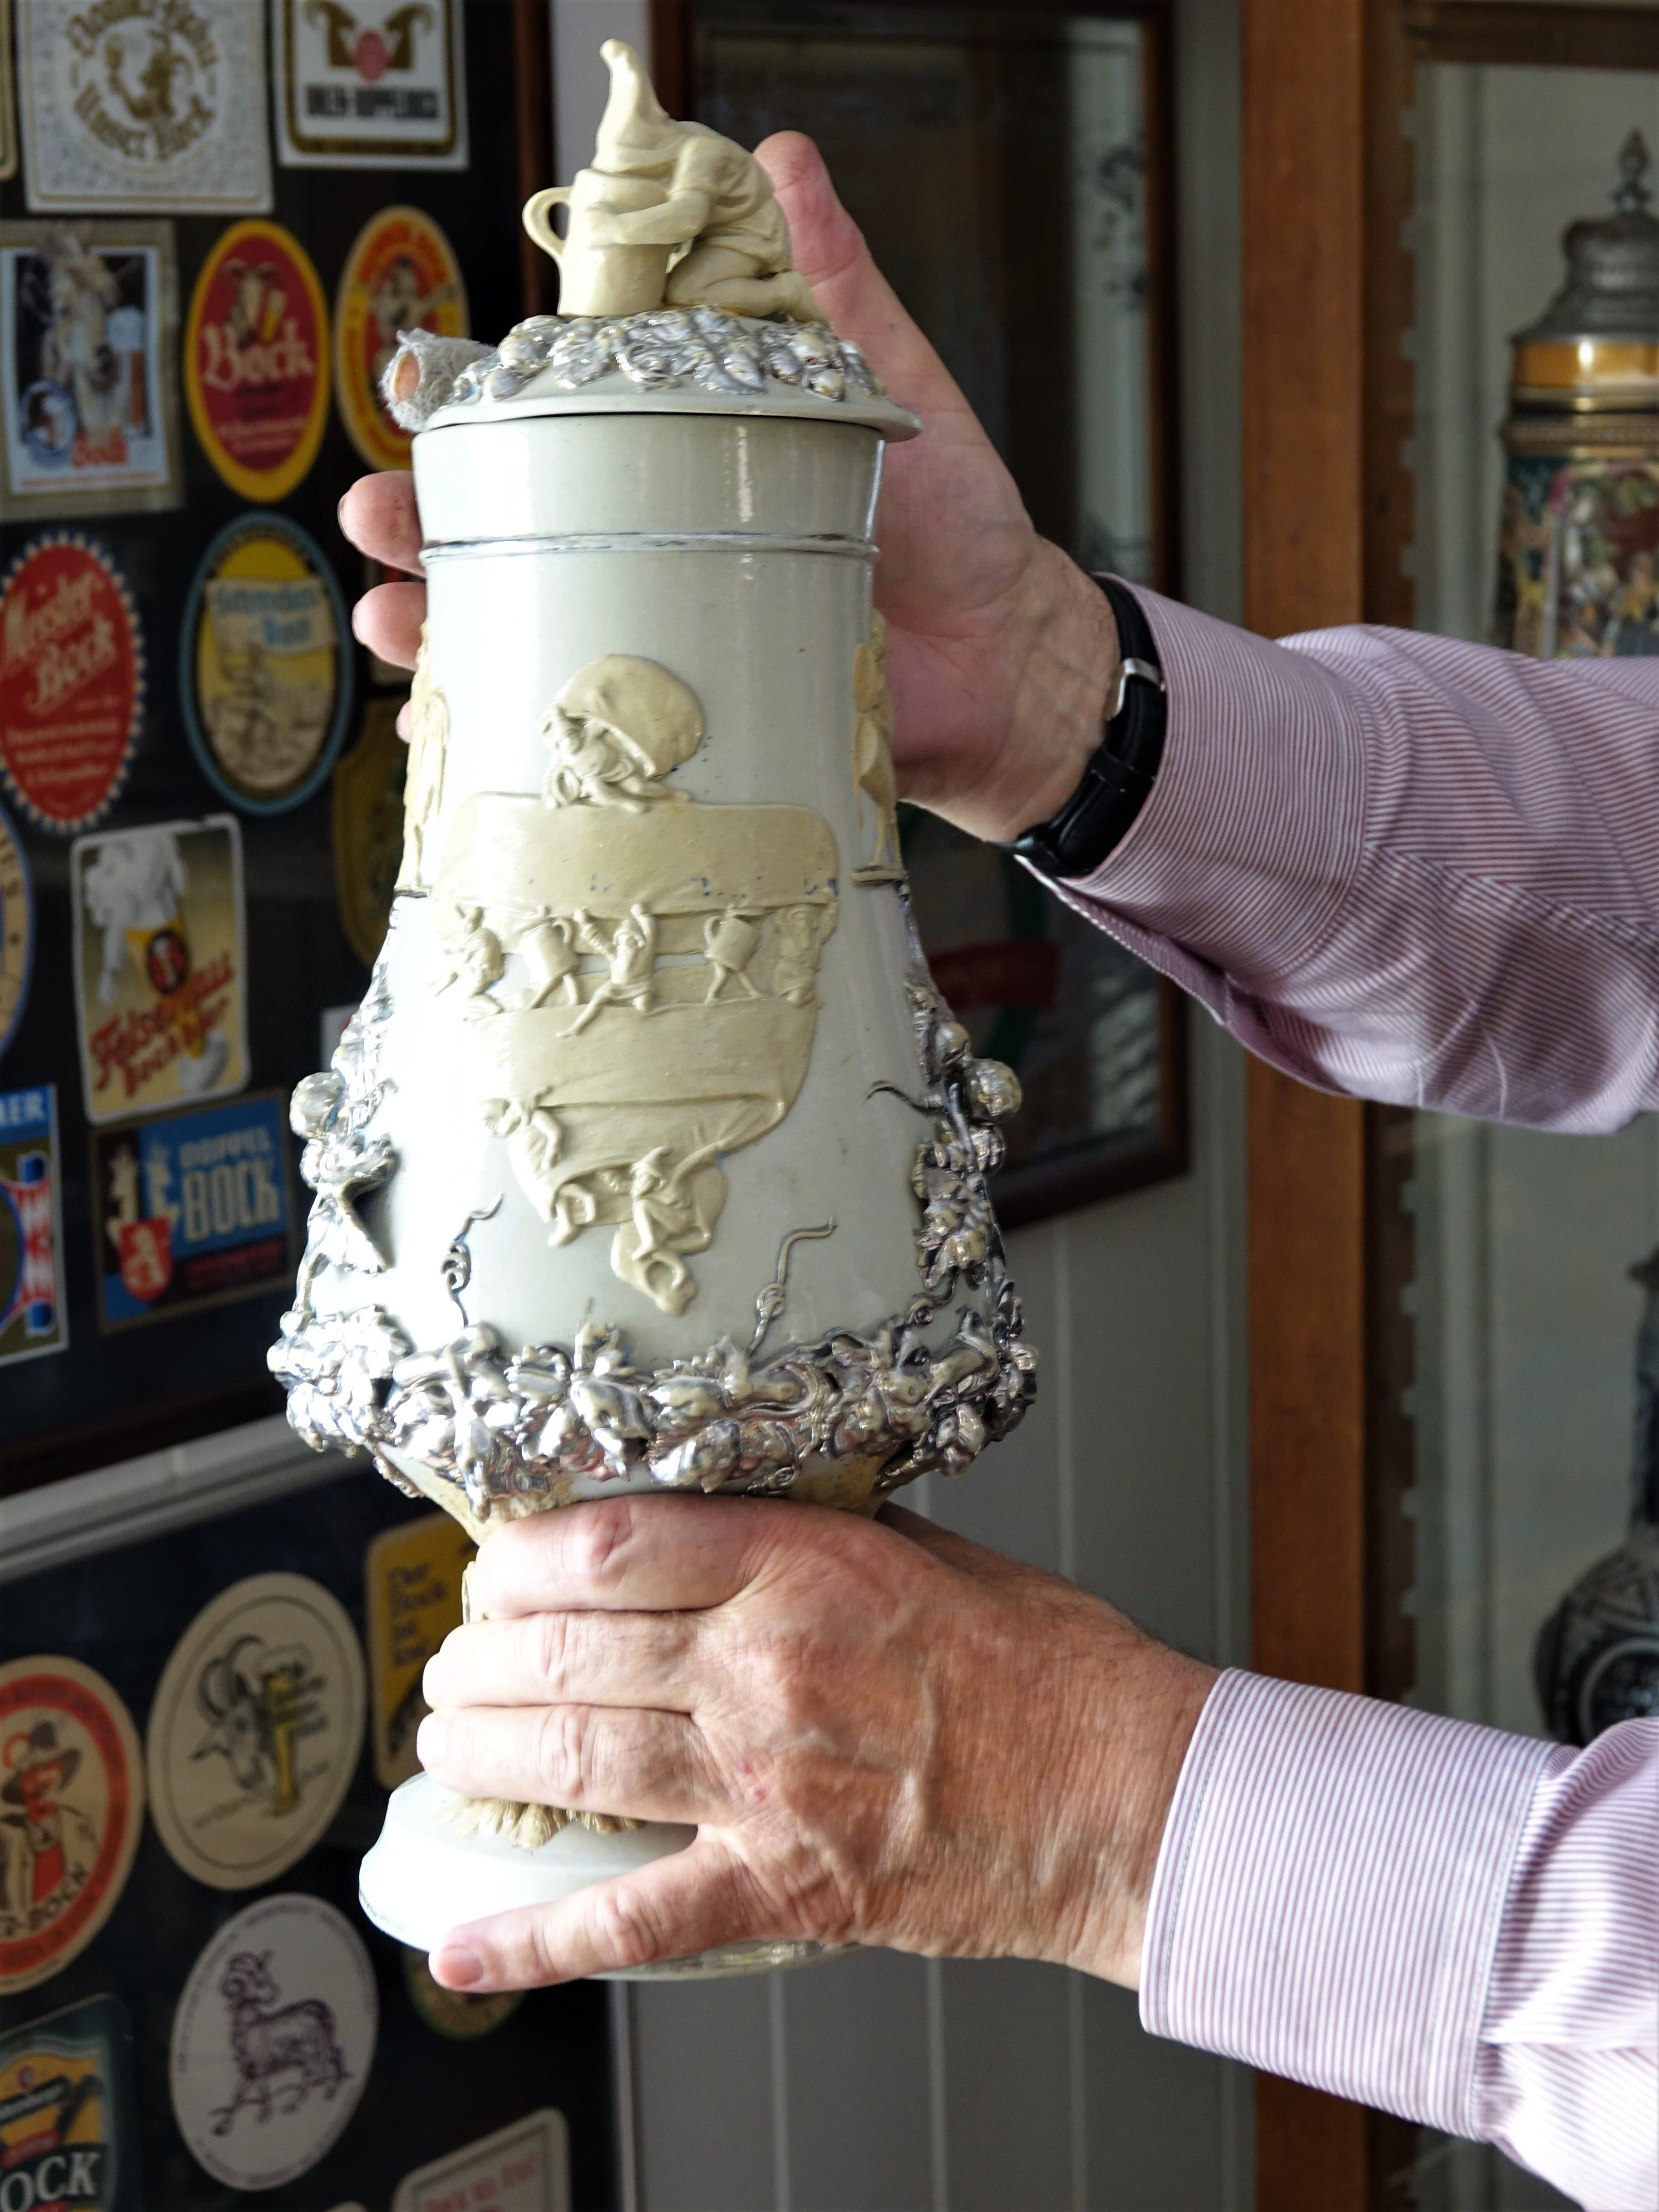 Ein besonders schönes Exemplar eines Bierkruges mit Deckel.